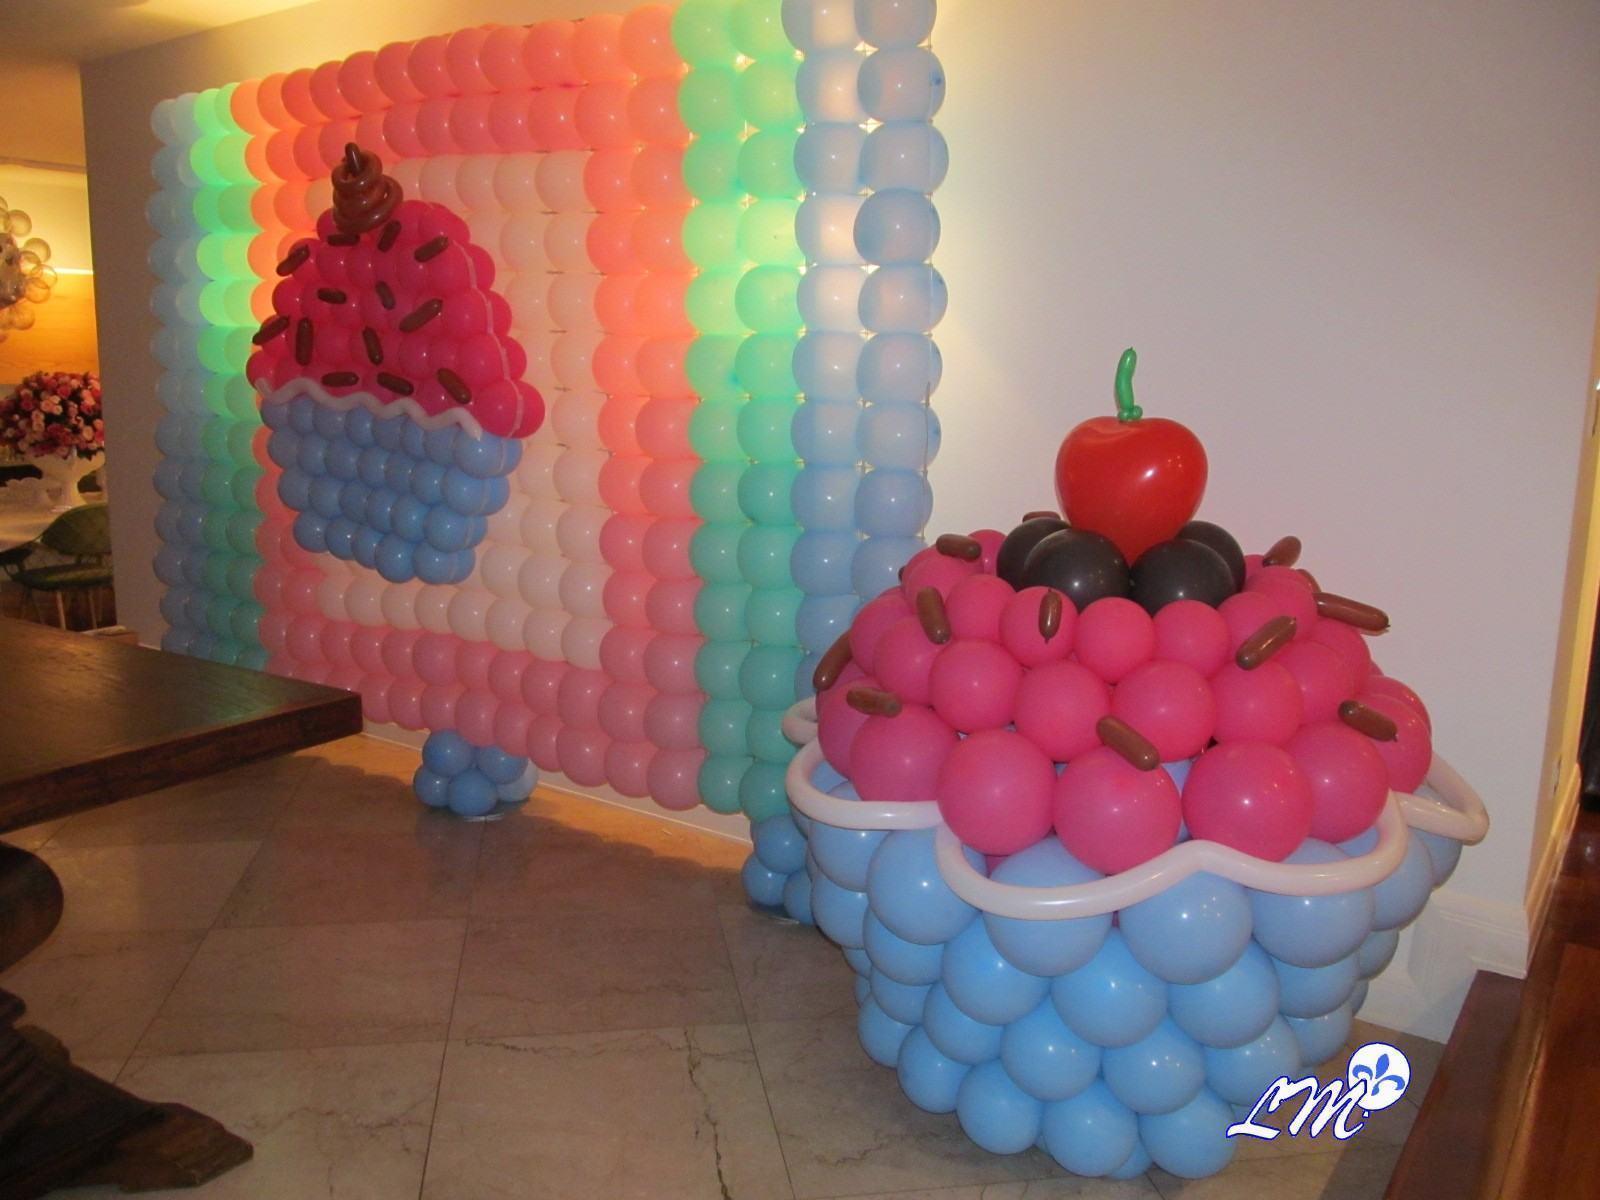 Decoraç u00e3o com Balões Como fazer? Passo a Passo -> Decoração Com Balões Como Fazer Passo A Passo